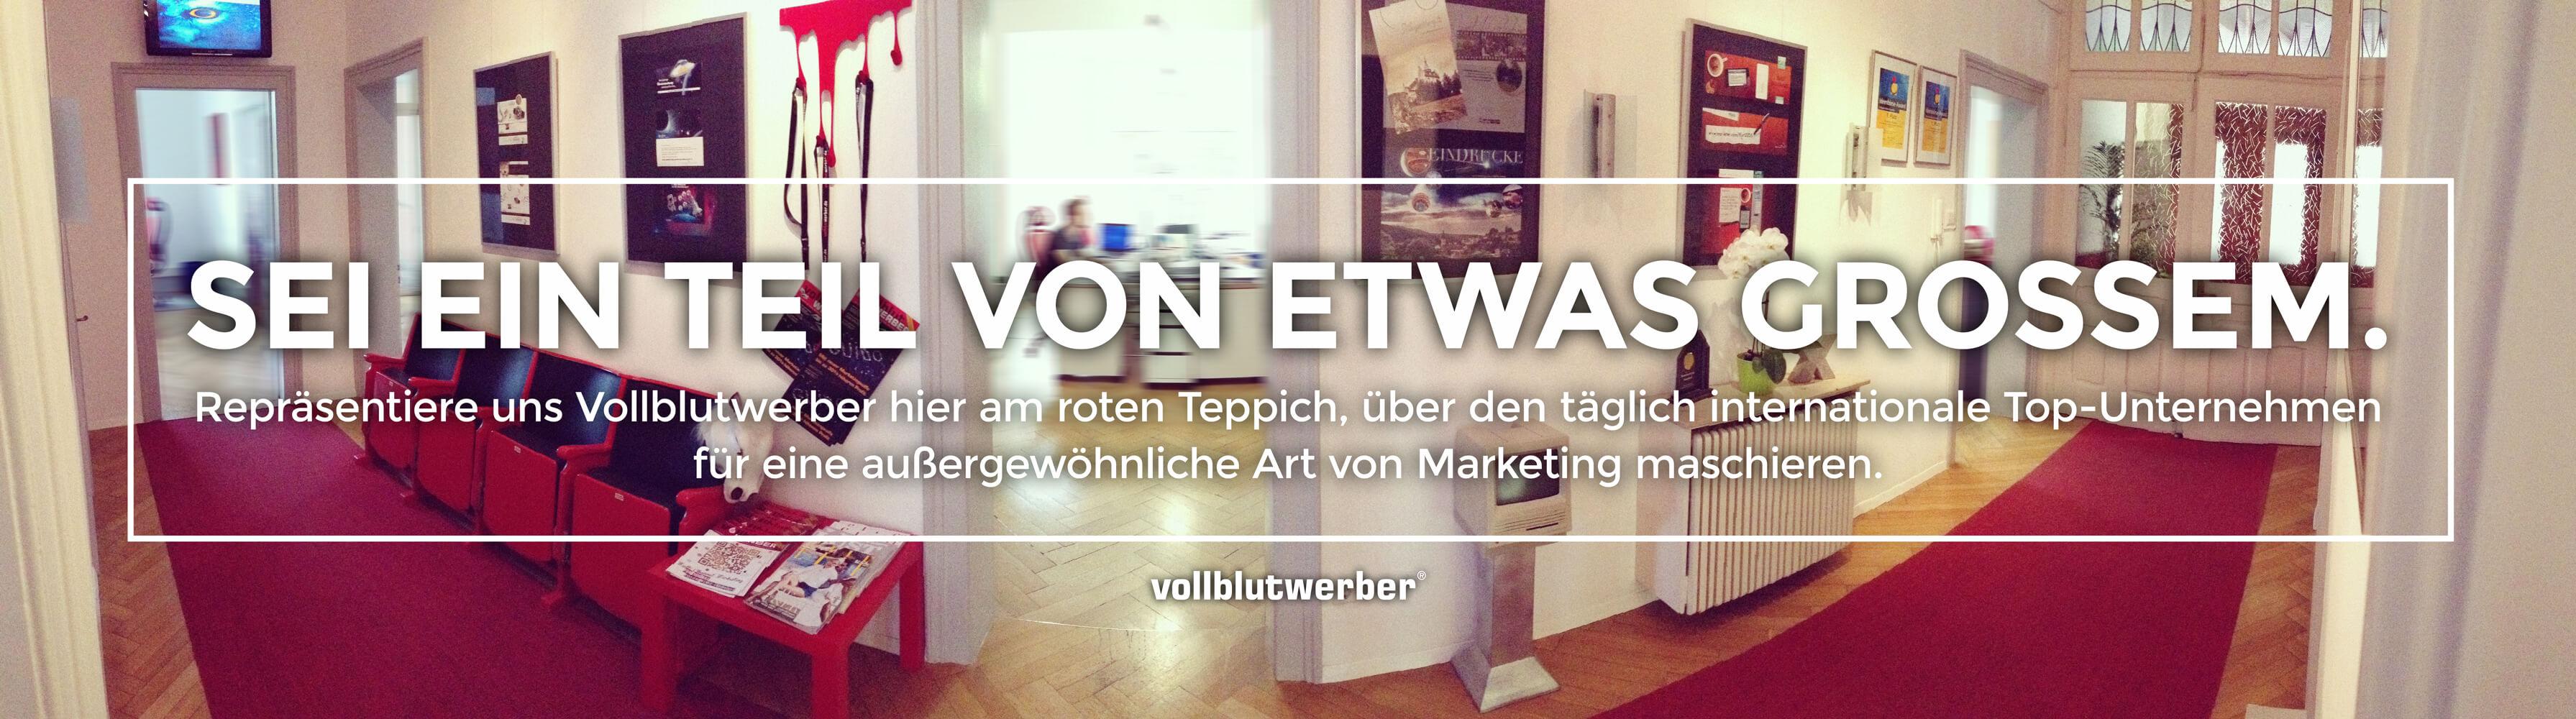 VBW_Facebook_Stellenanzeige_small_wide